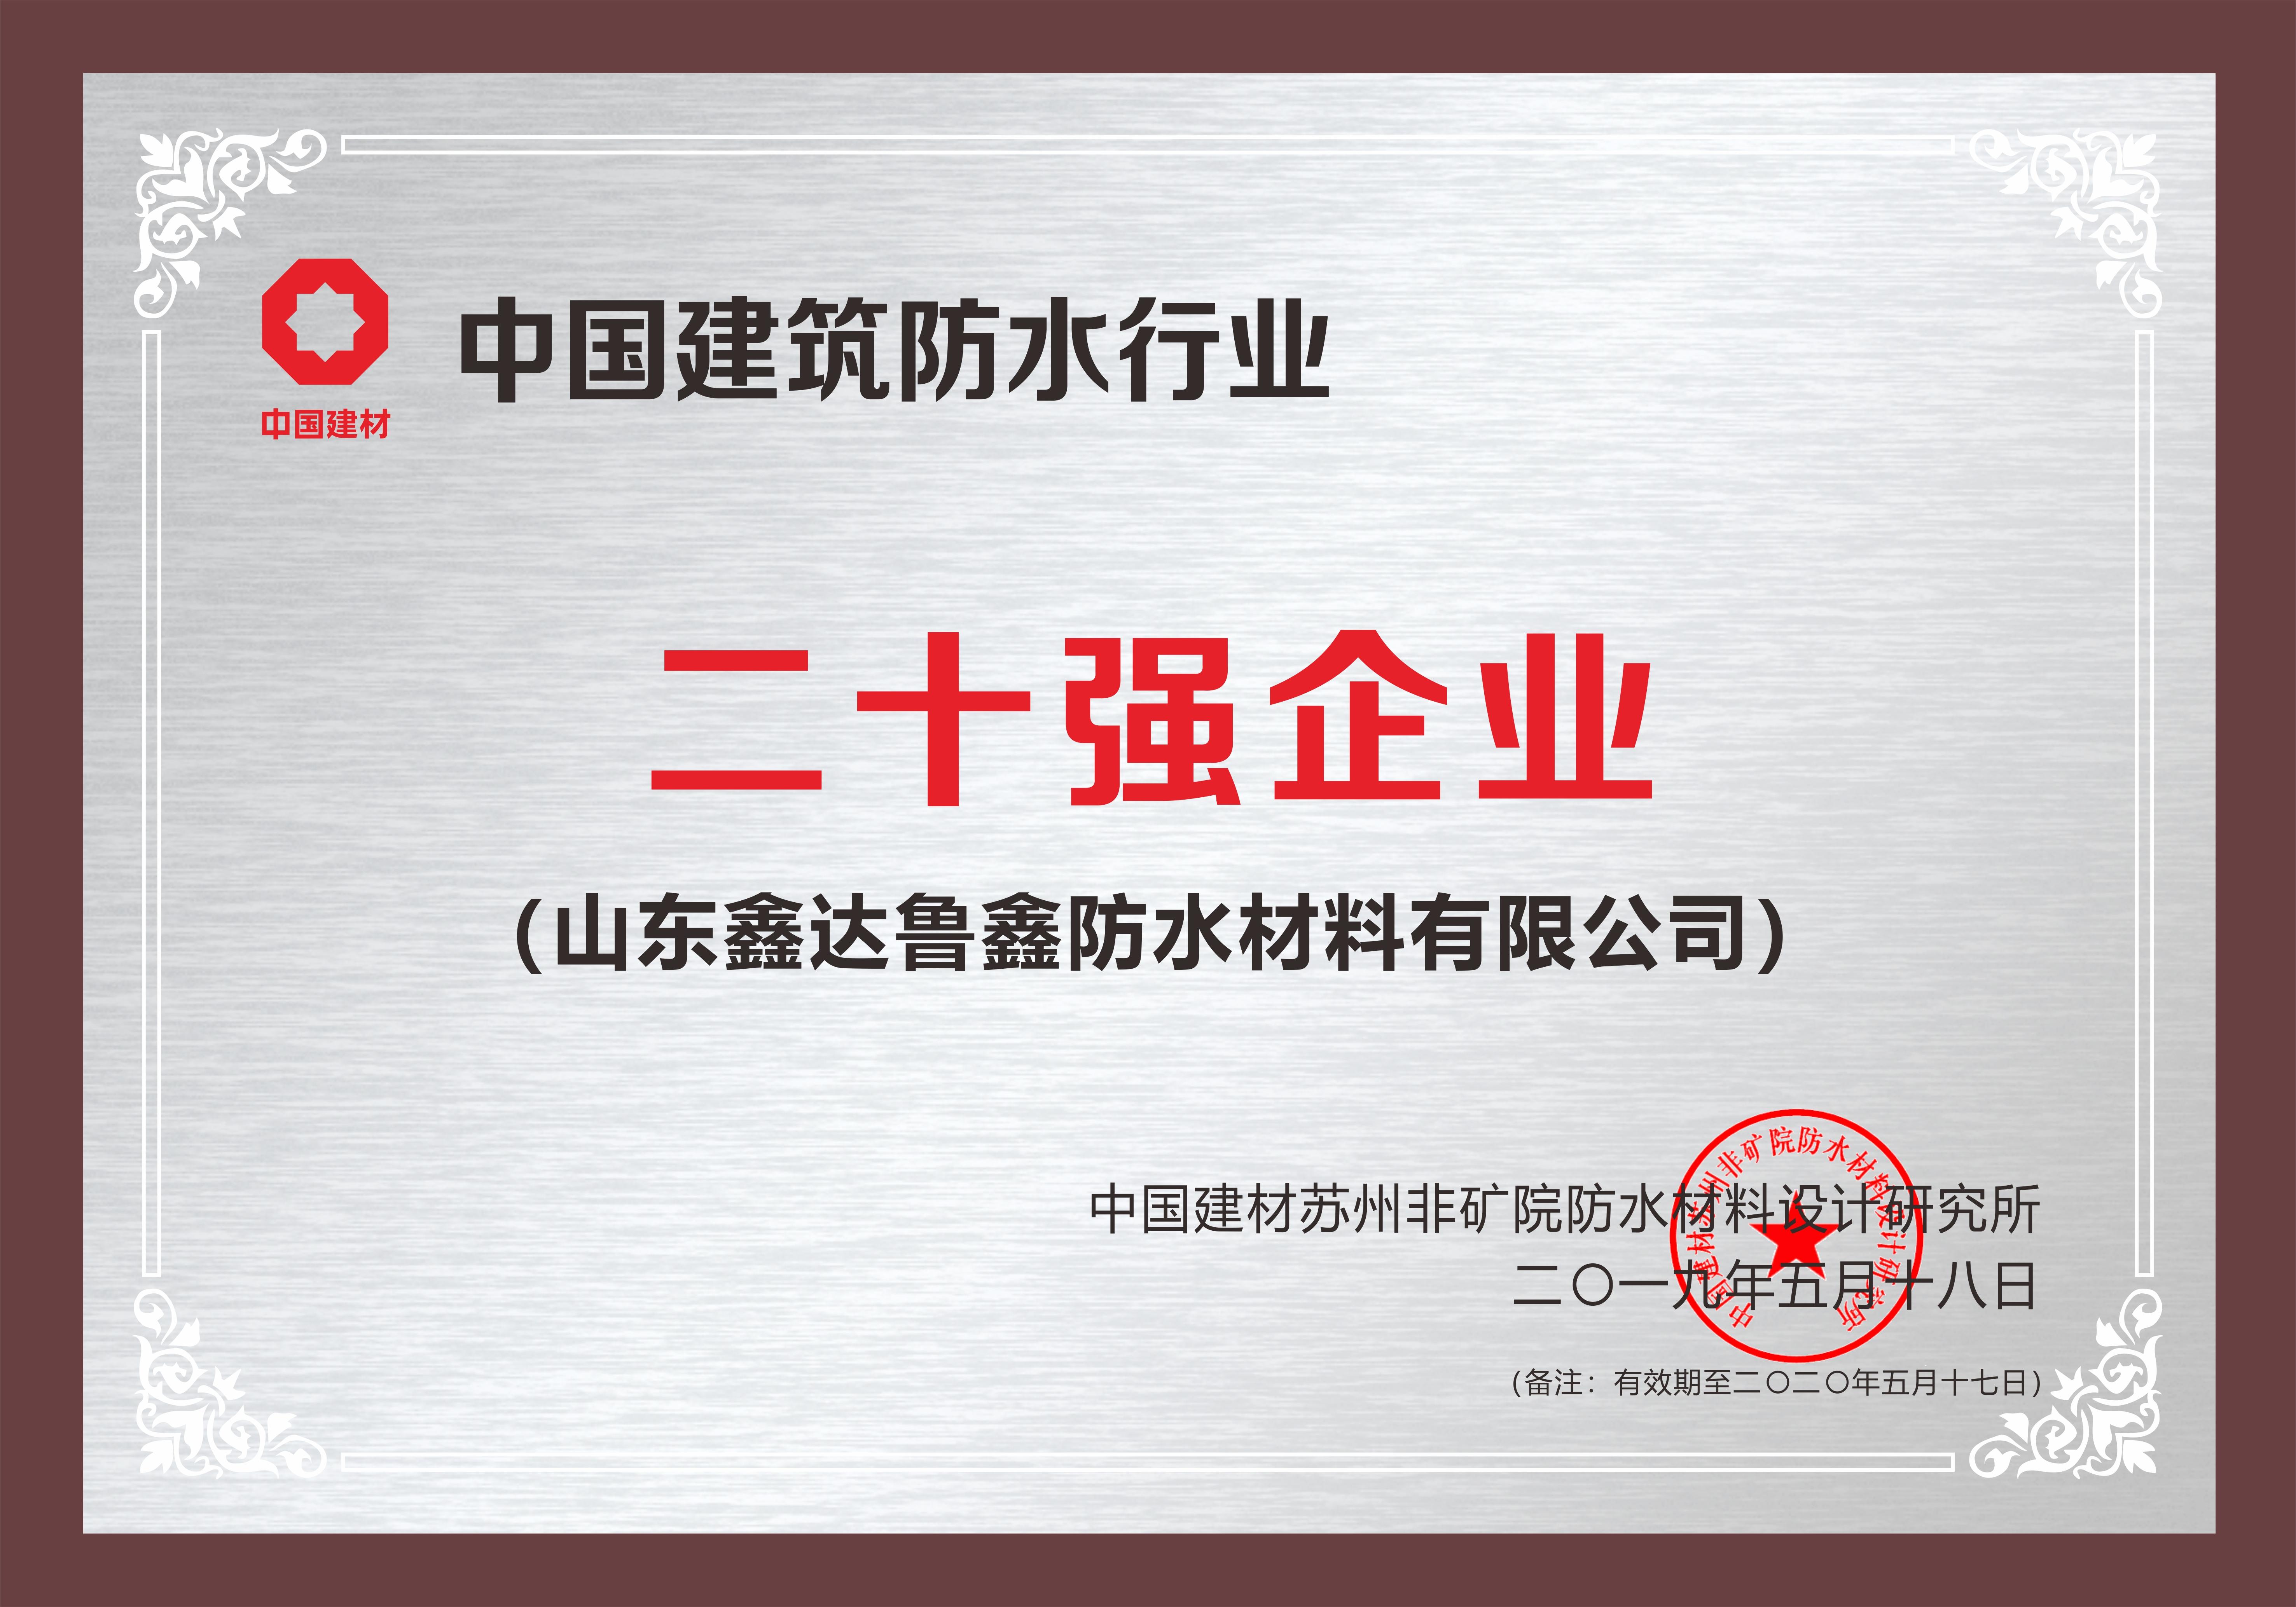 2019中国建筑防水行业二十强企业